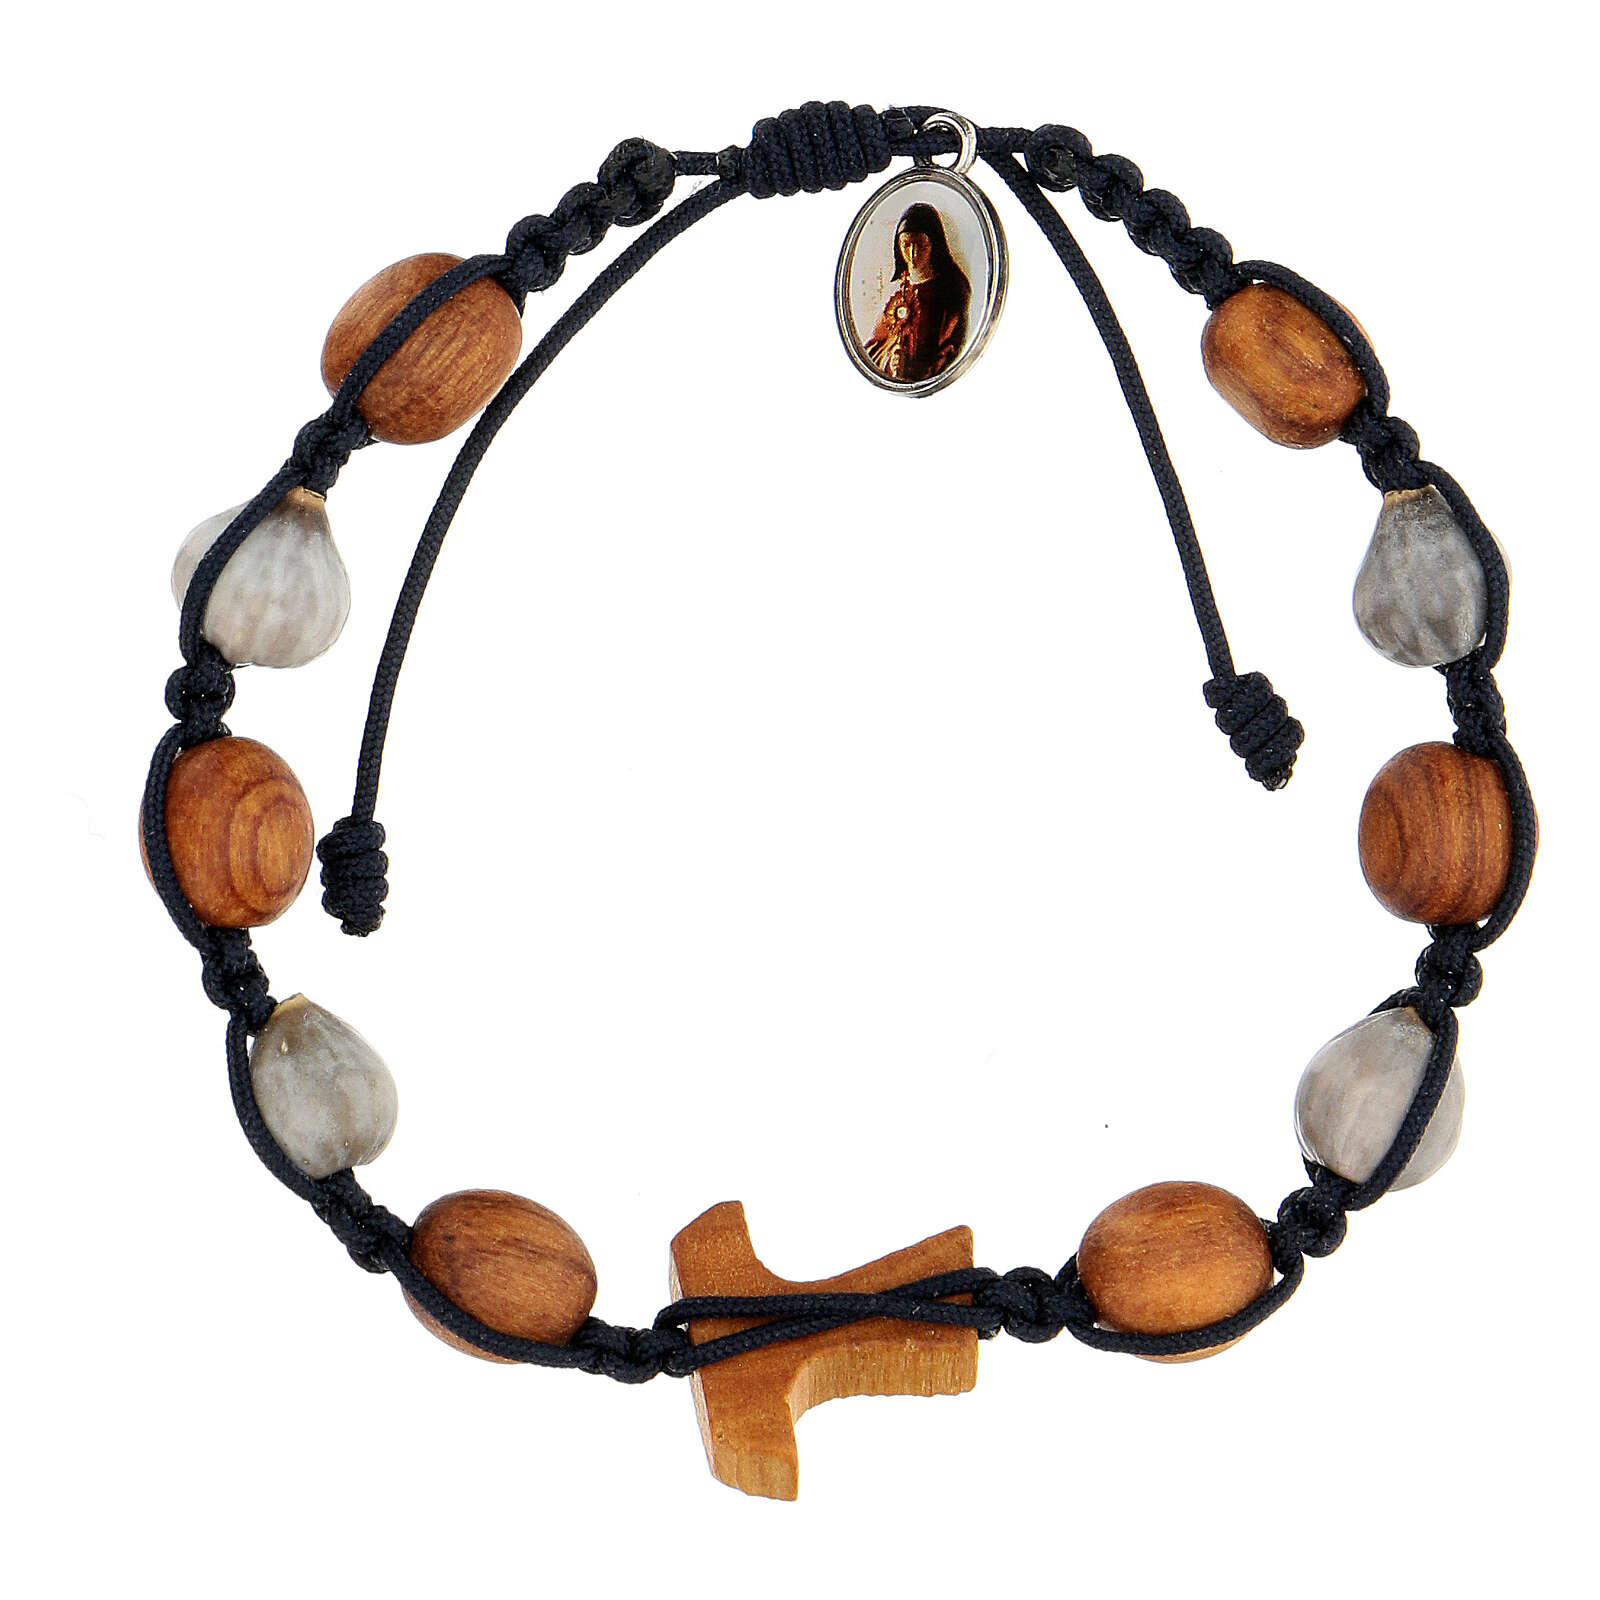 Bracelet croix tau grains ronds bicolores Medjugorje corde bleue 4